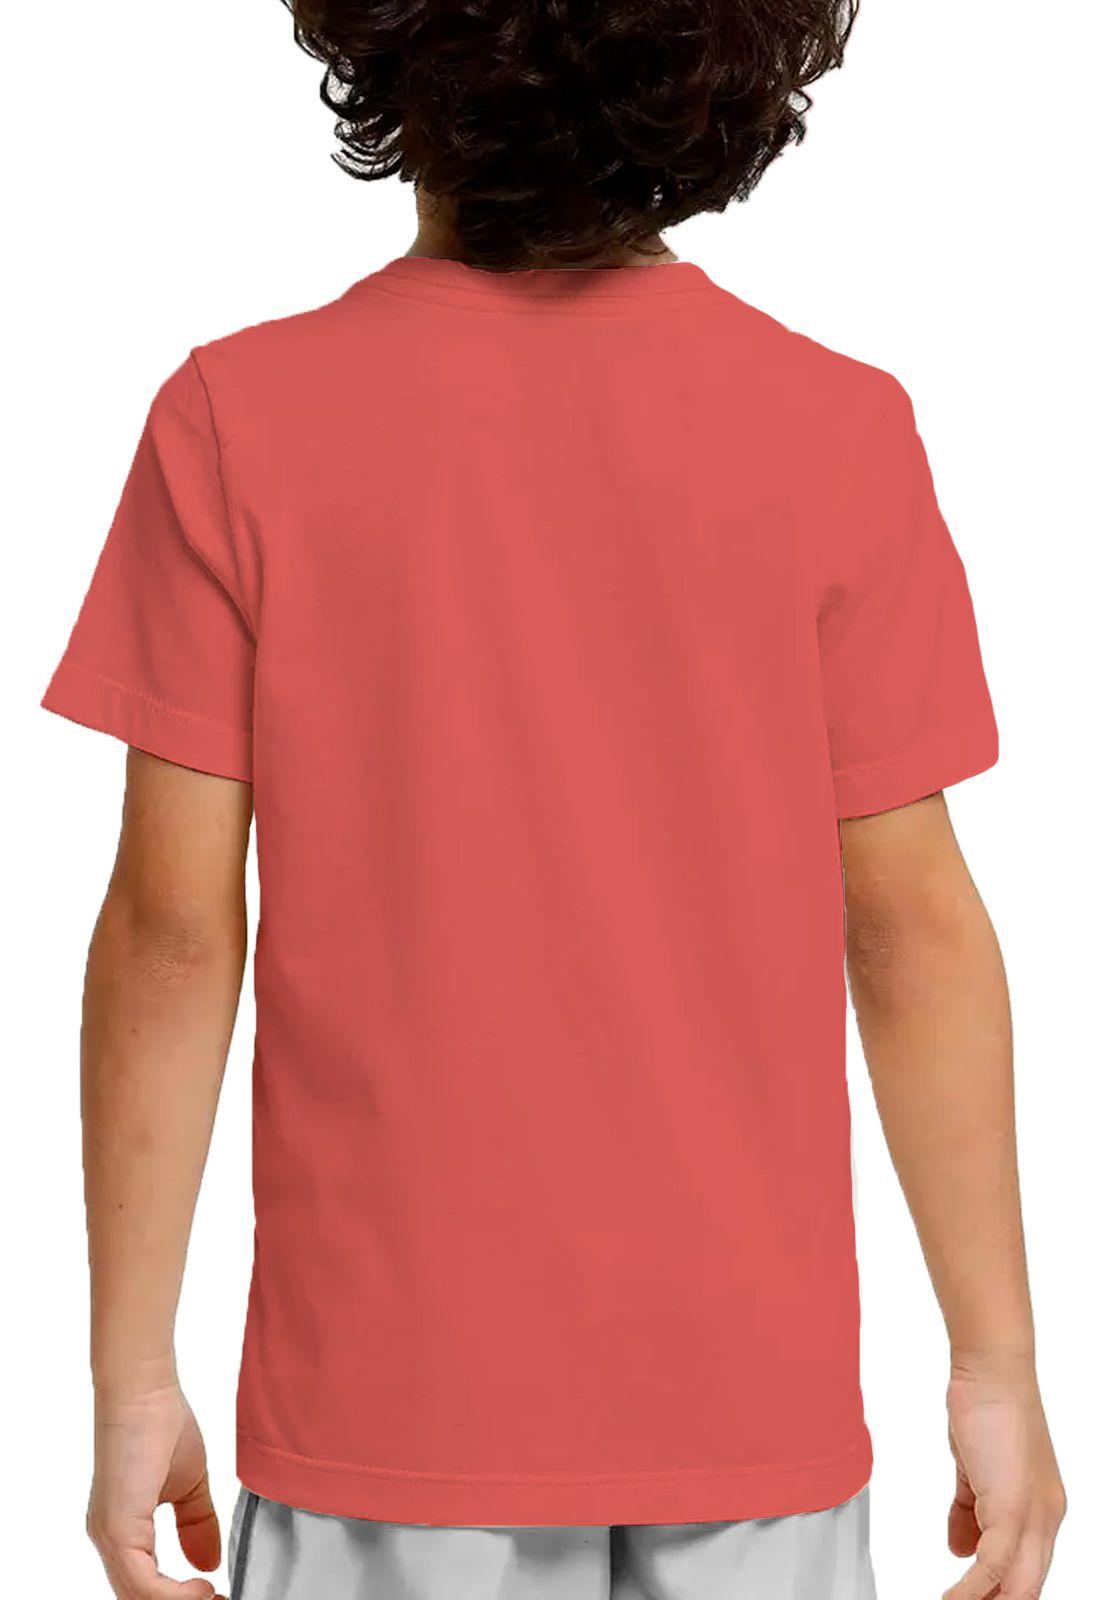 Camiseta Amazônia Adolescente Todos Pela Natureza - Rosa